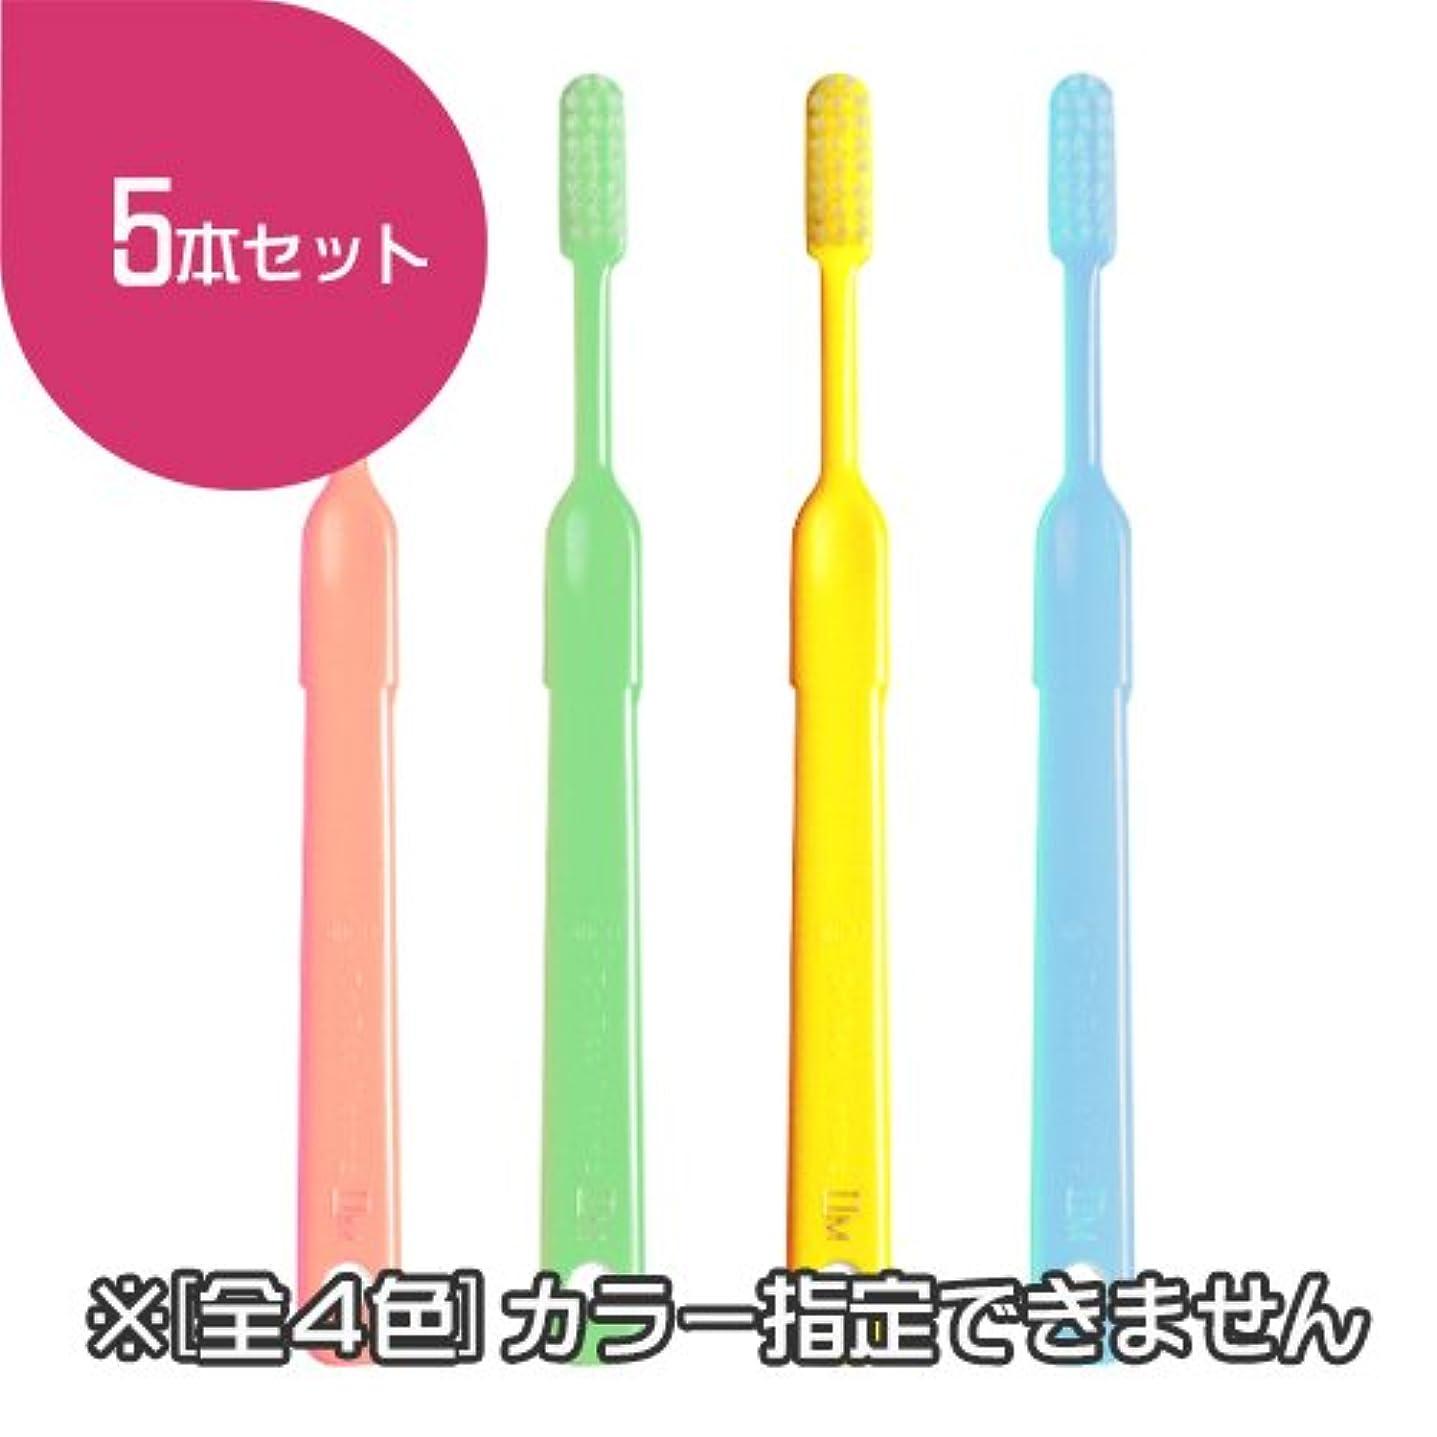 衝動申込みコードレスビーブランド ドクター ビーヤング2 歯ブラシ 5本(ミディアム)